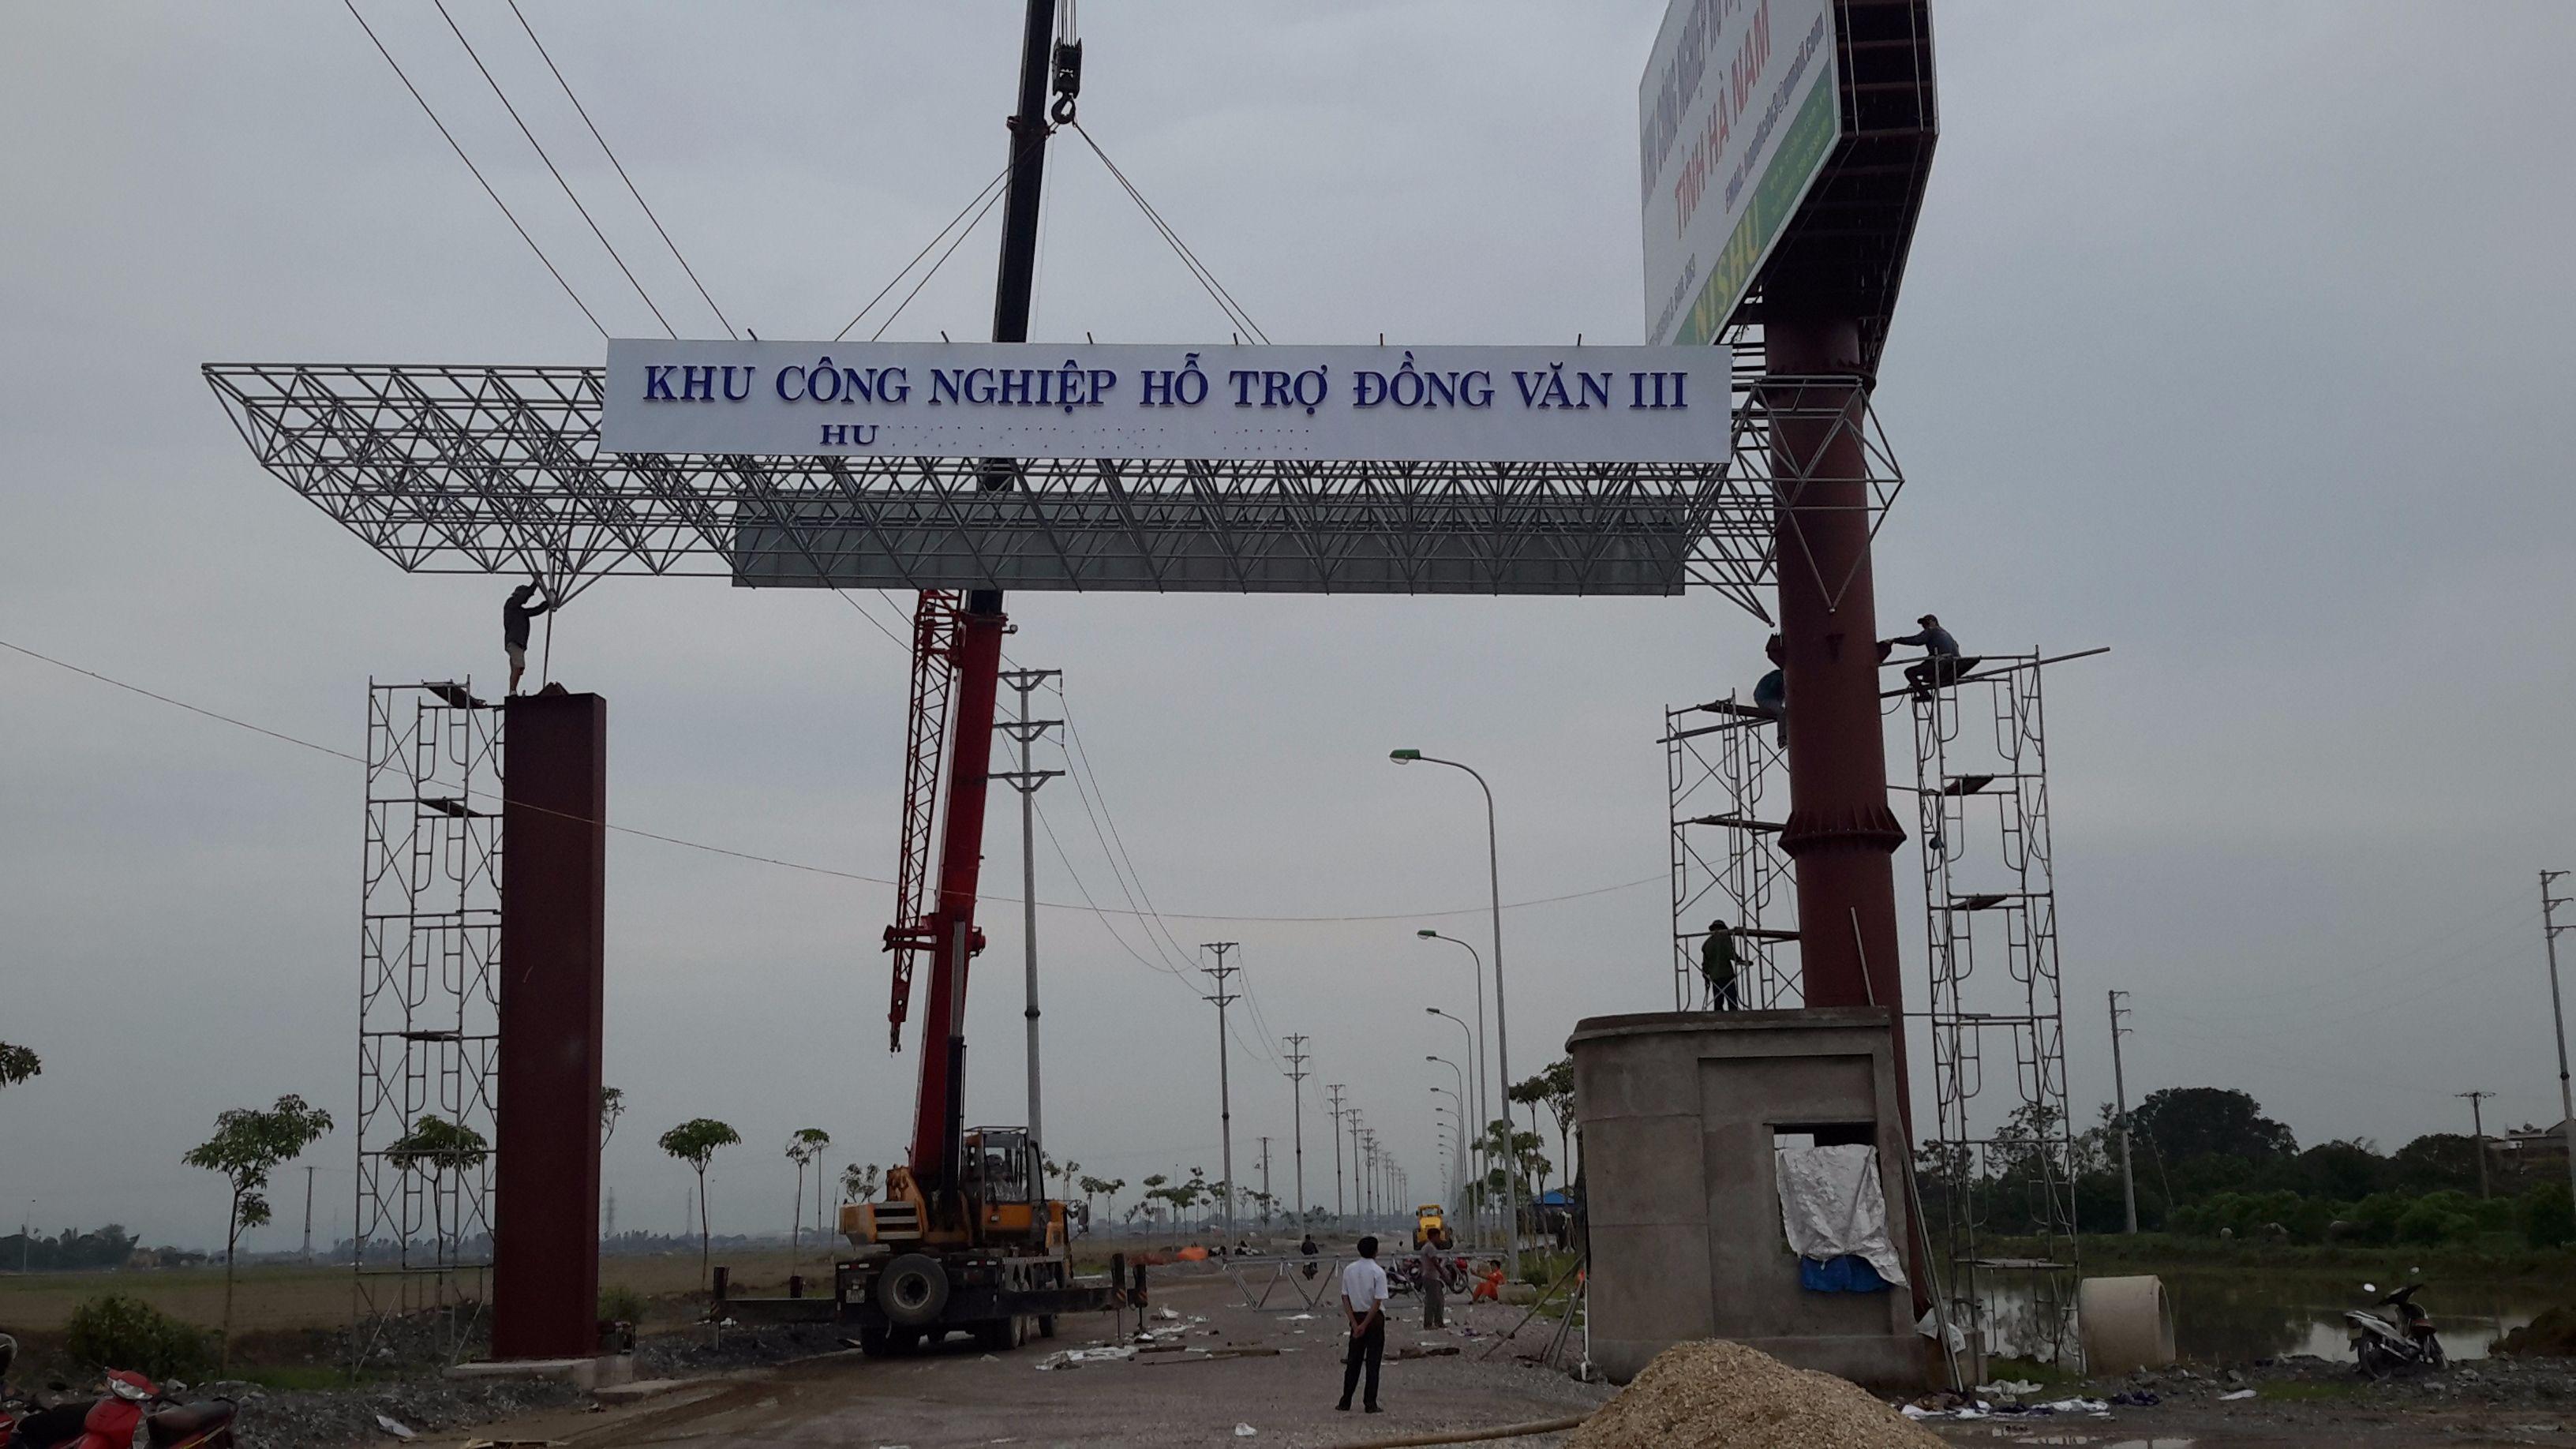 Biển quảng cáo - Cổng chào KCN Đồng Văn III